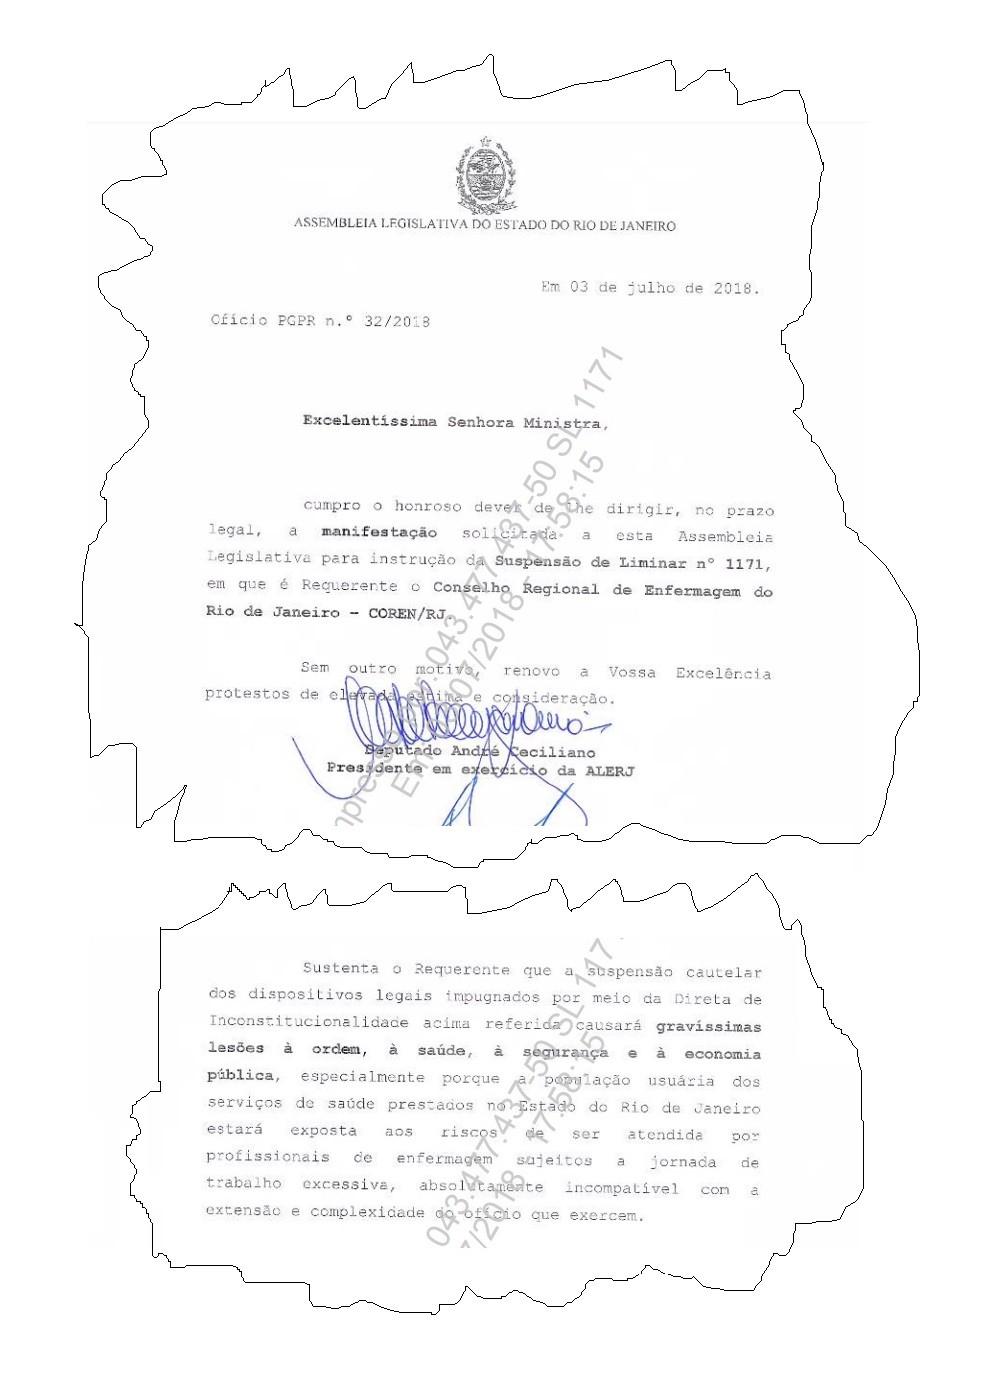 Reprodução de trecho do documento da Alerj